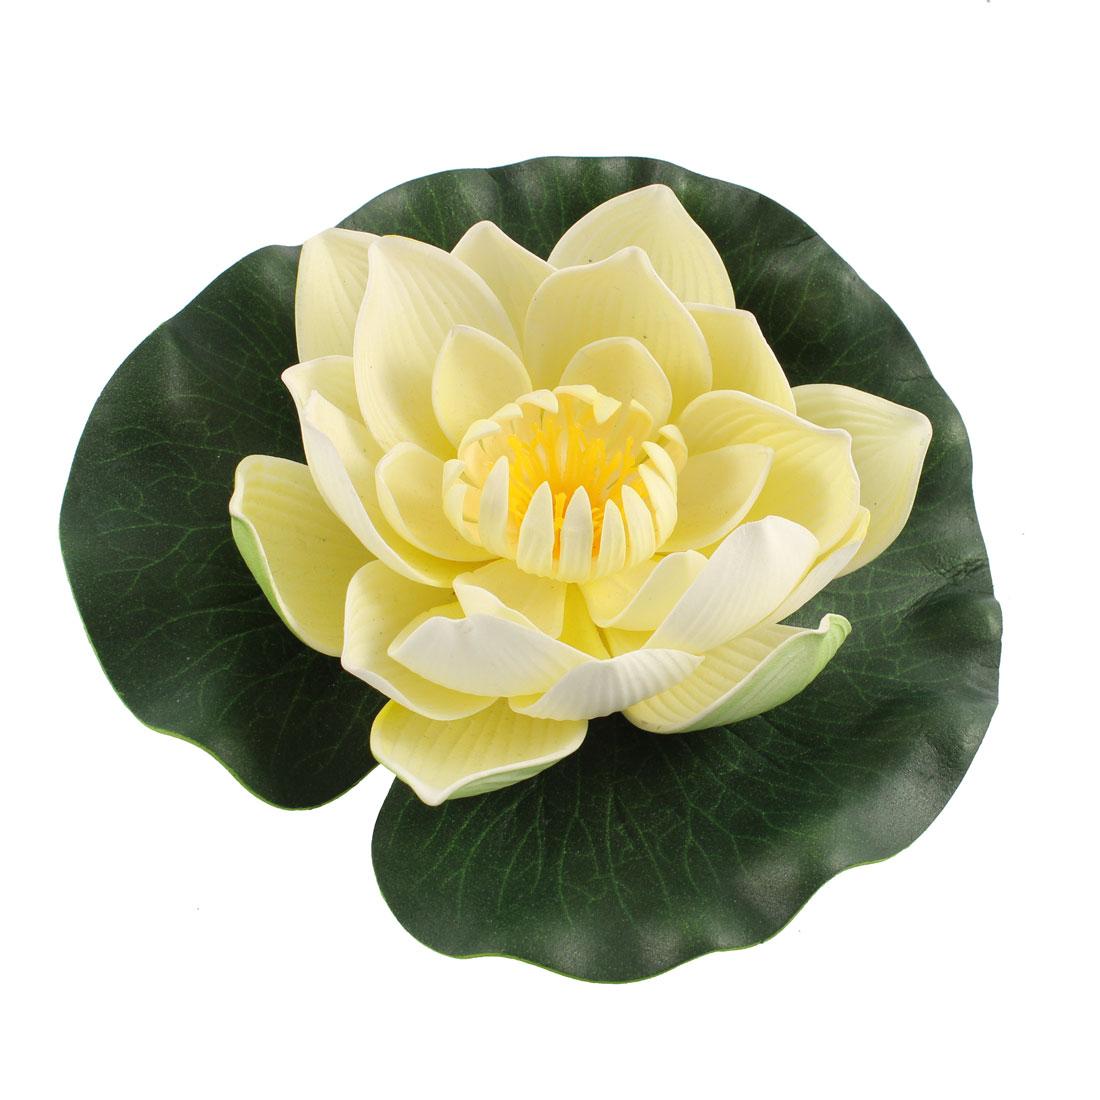 Aquarium Simulation Foam Lotus Flower Aquatic Floating Plant Decor Beige Green